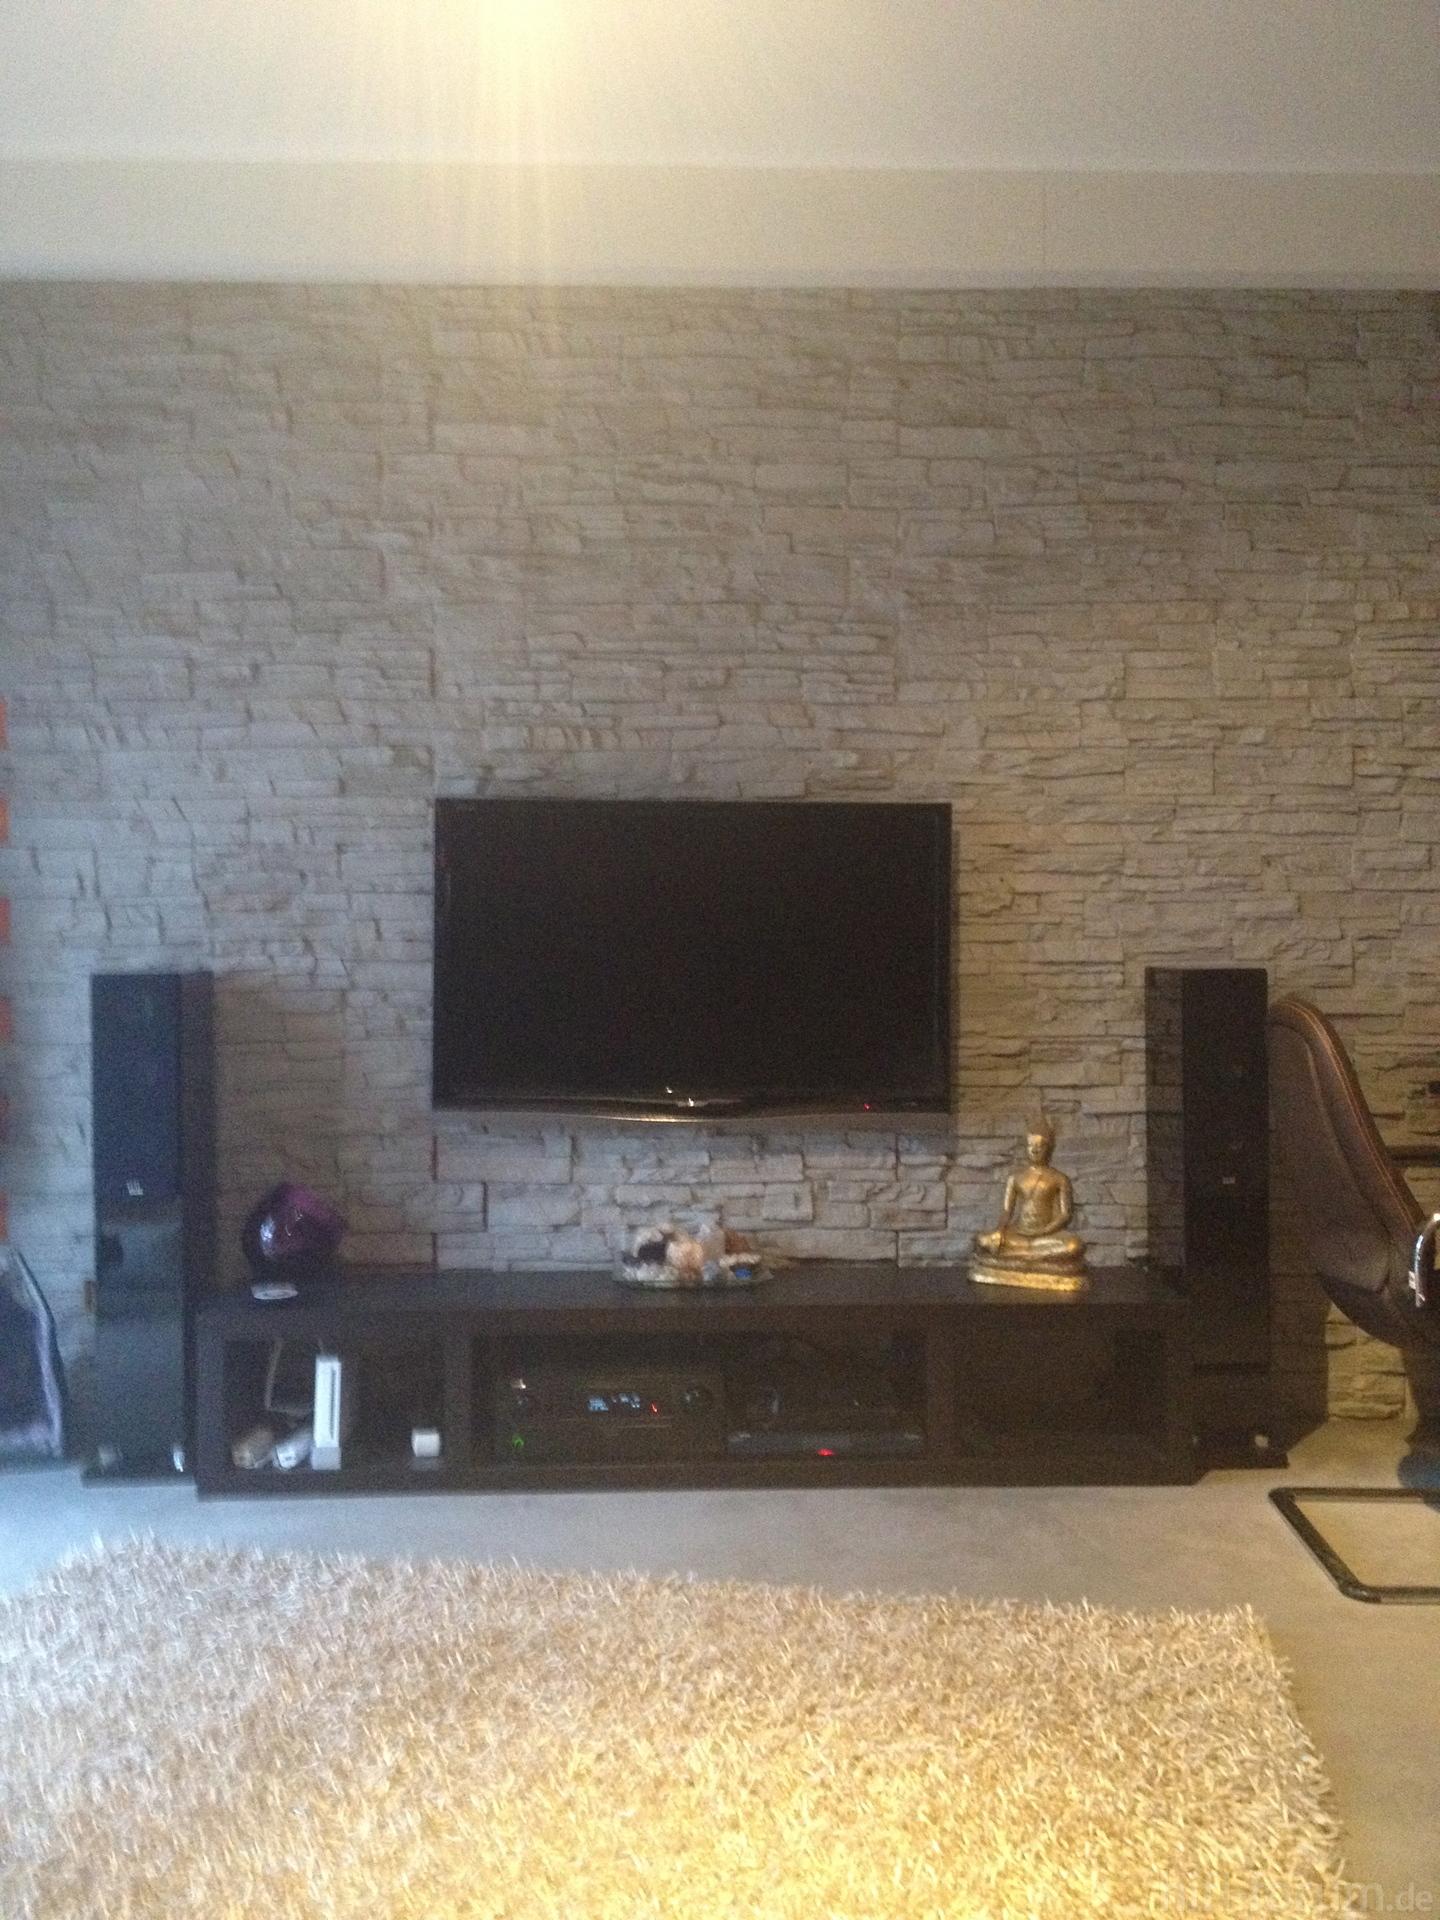 Steinwand imi beton beton imi steinwand hifi forum for Steinwand tv